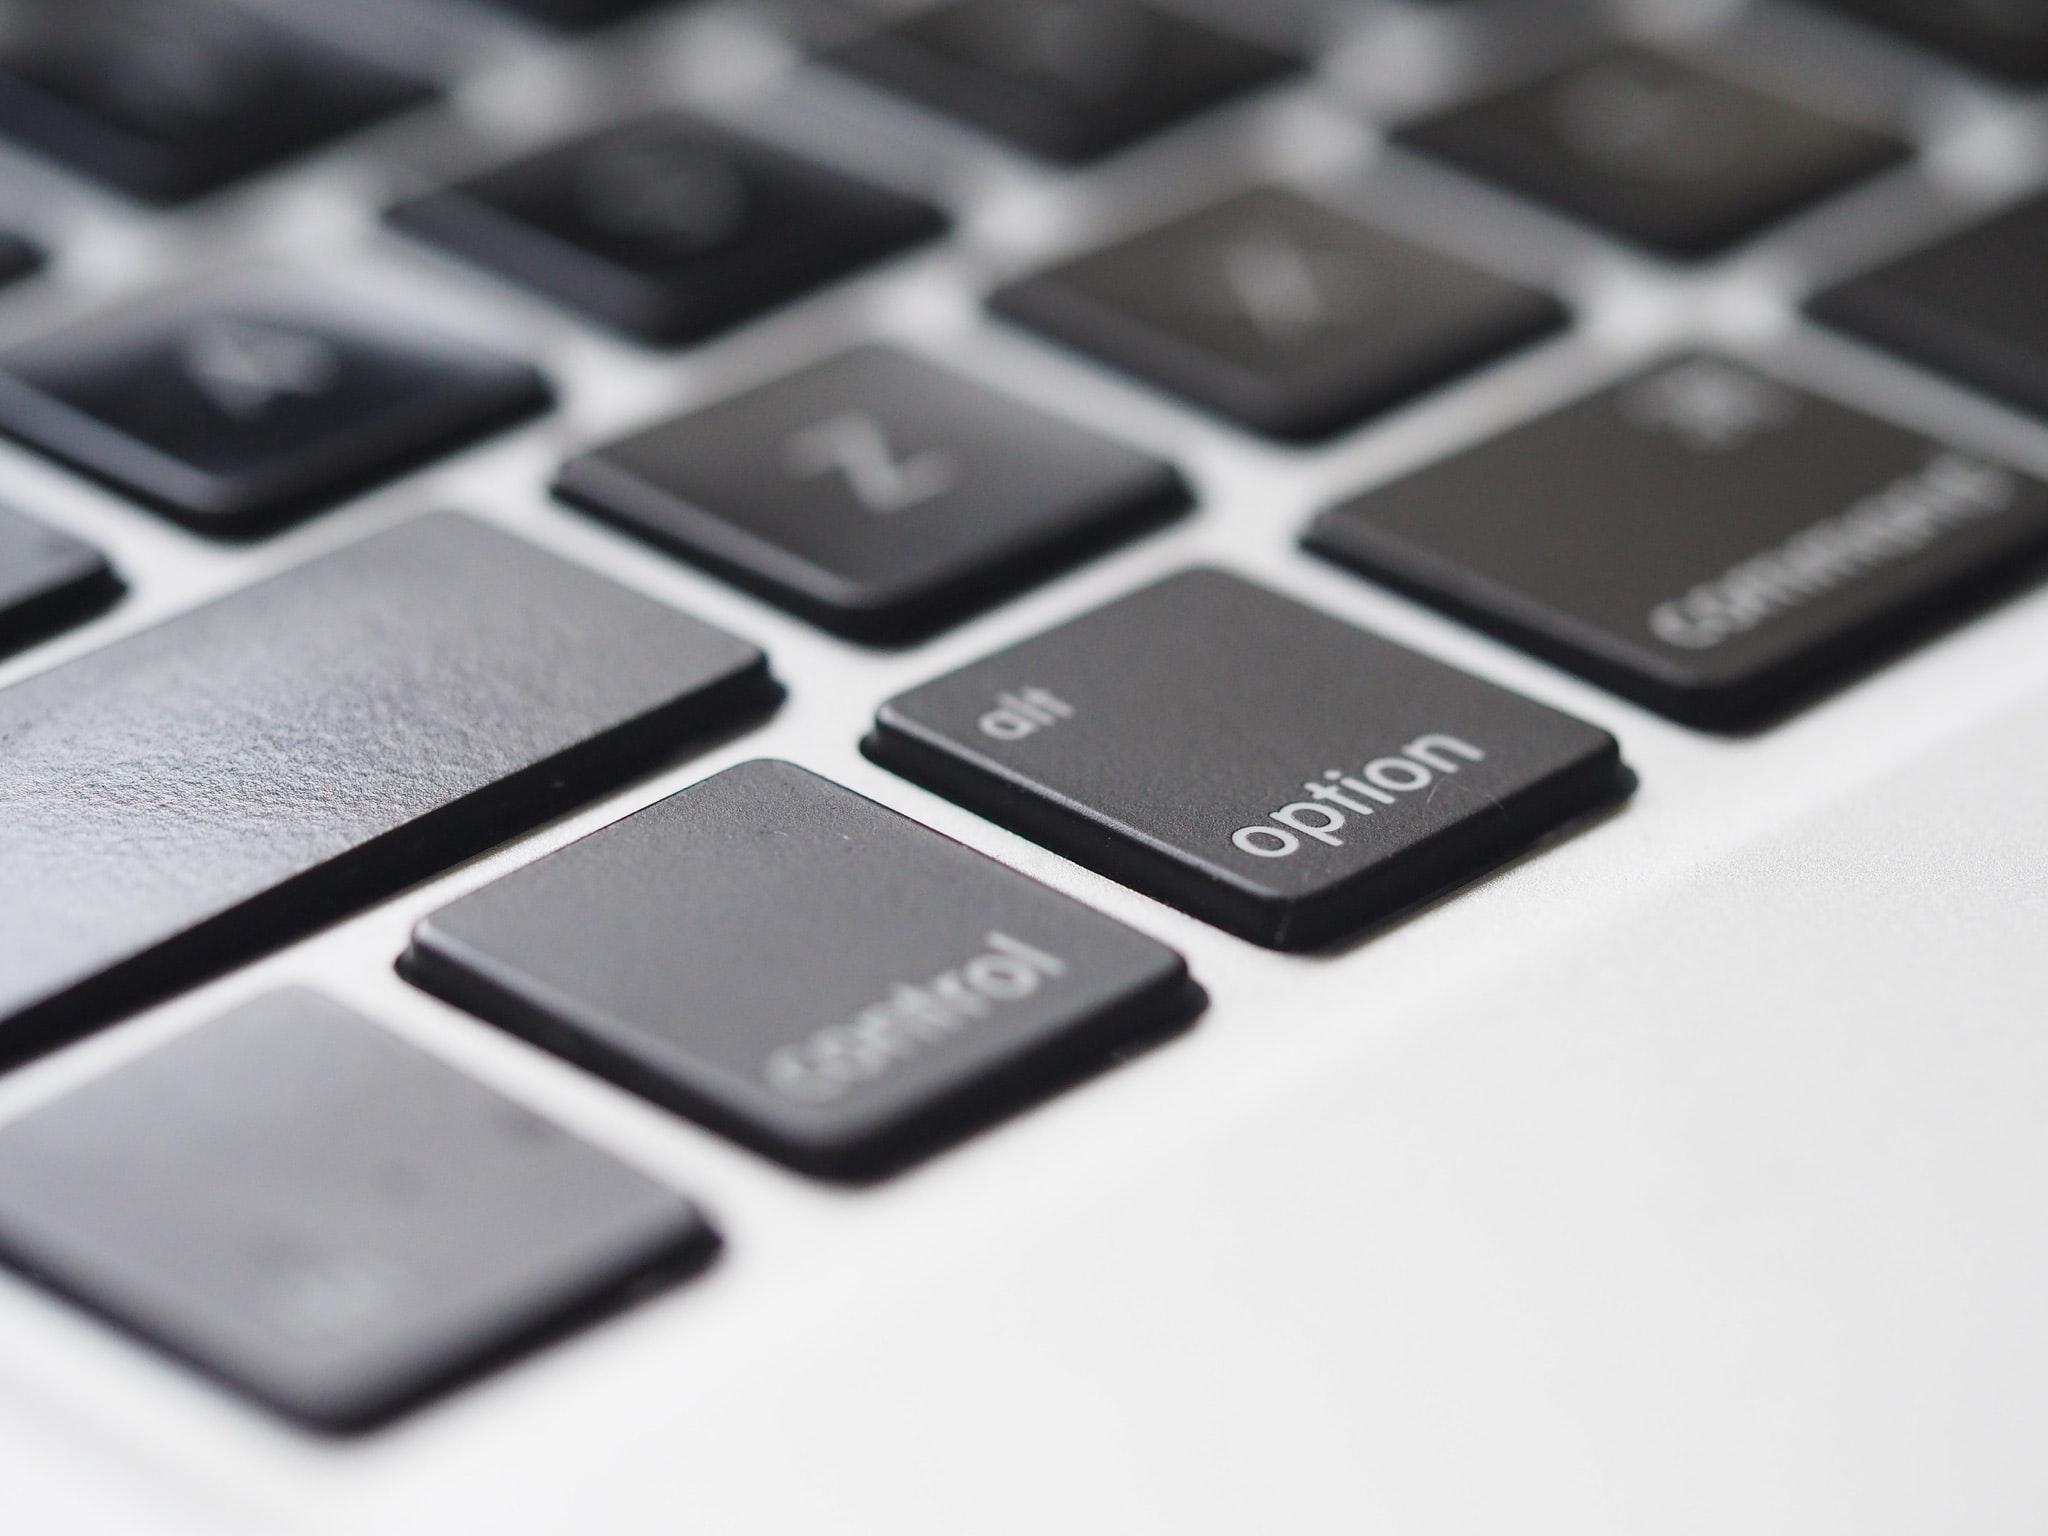 Closeup of MBP Keyboard